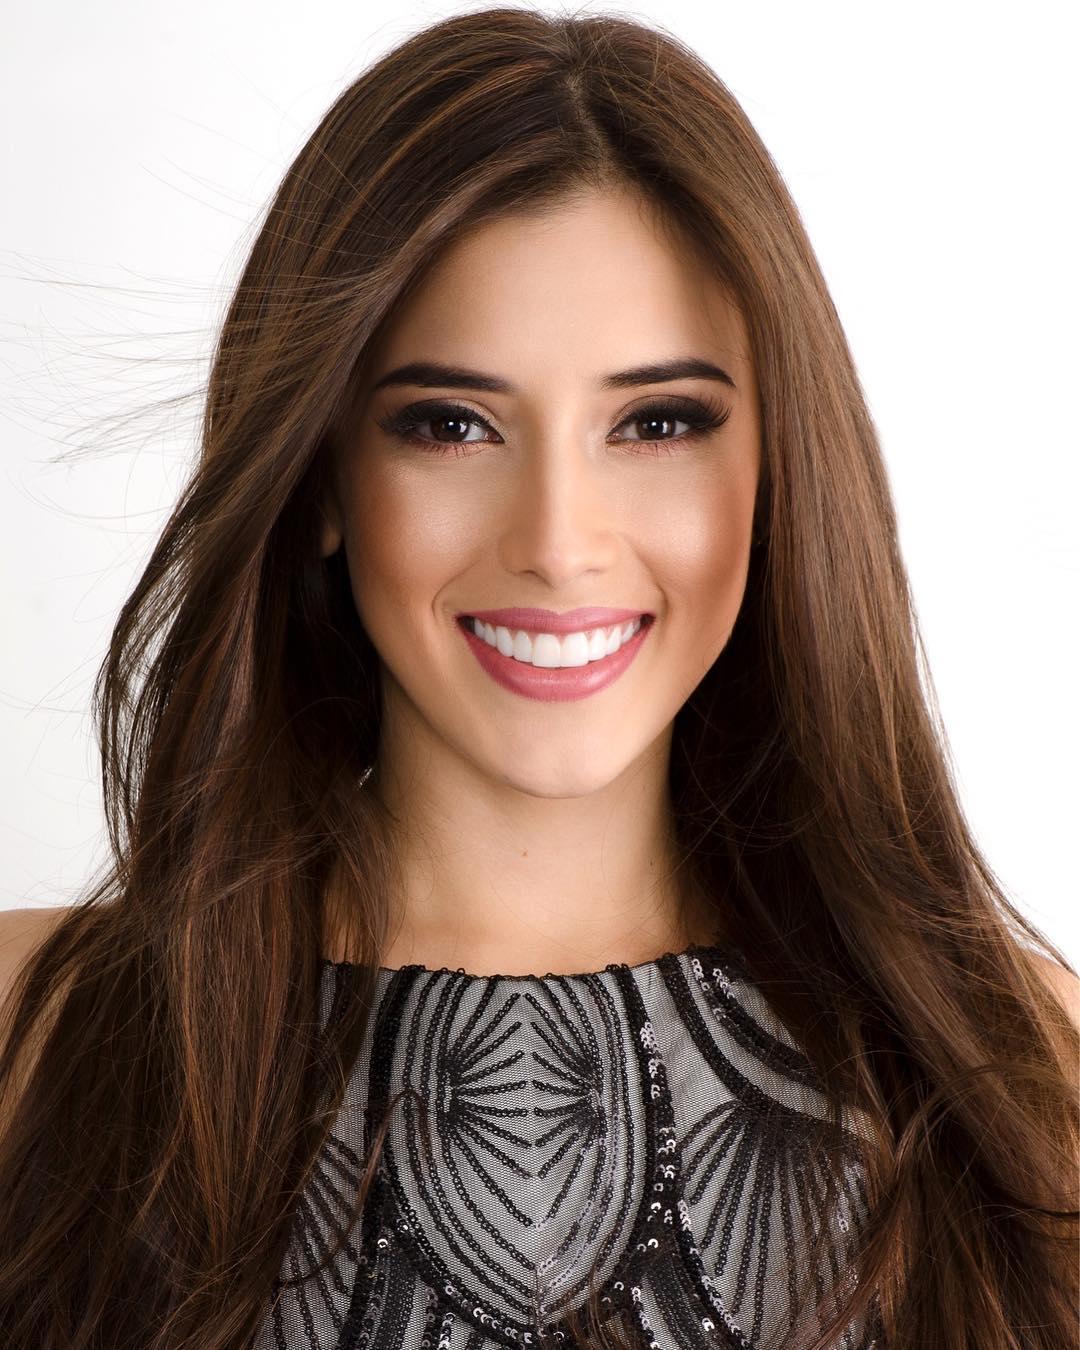 laura claro, primera finalista de reyna hispanoamericana 2019. - Página 2 45395110